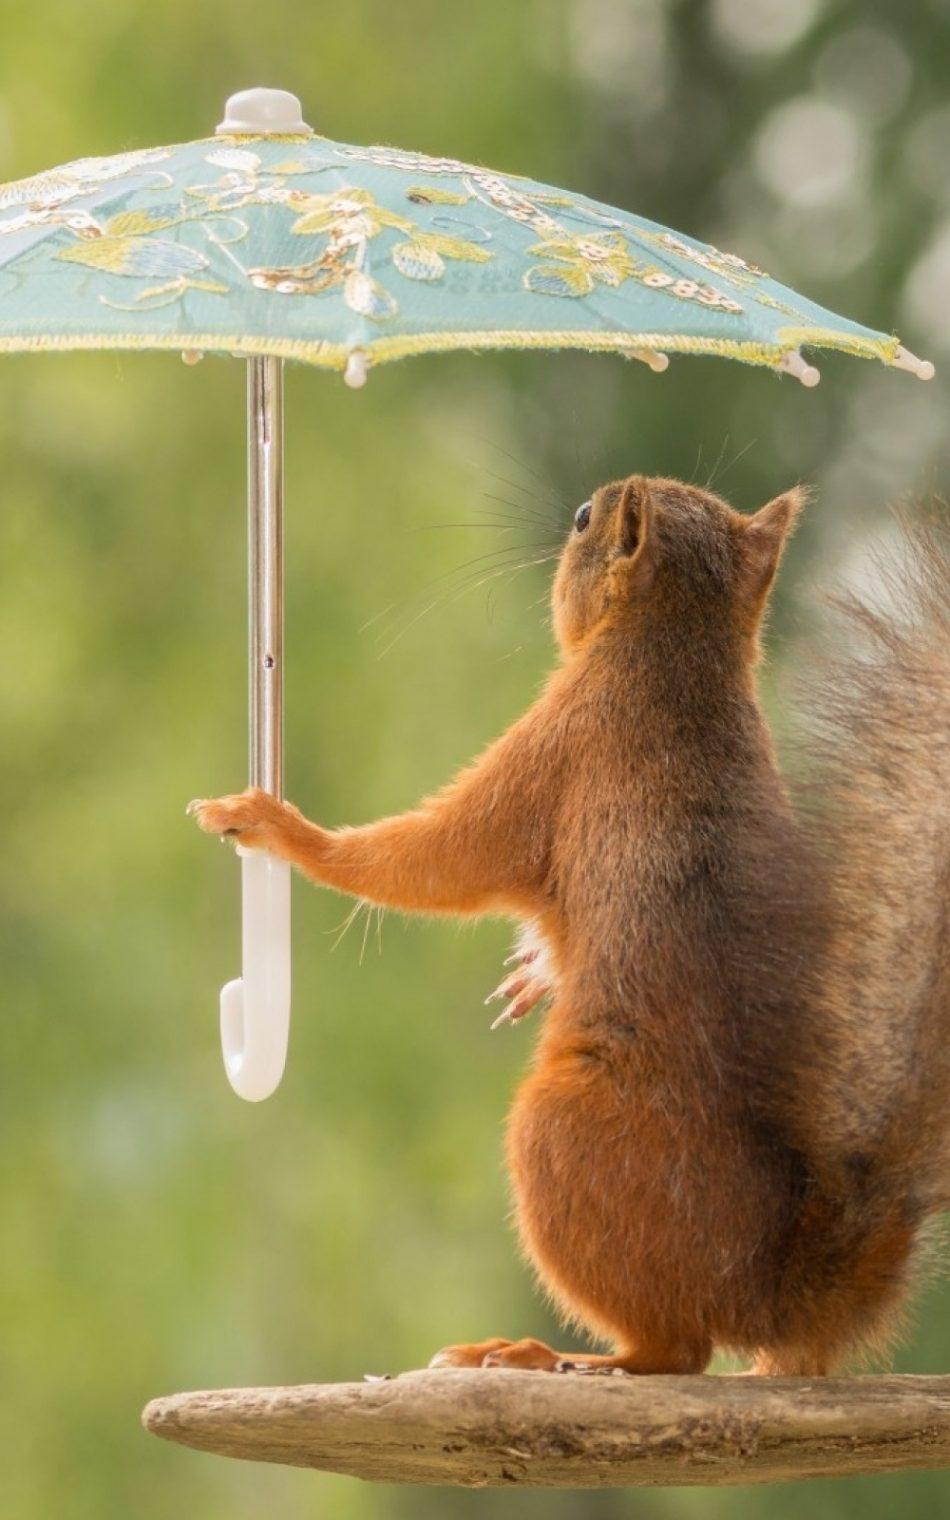 Squirrel With Umbrella